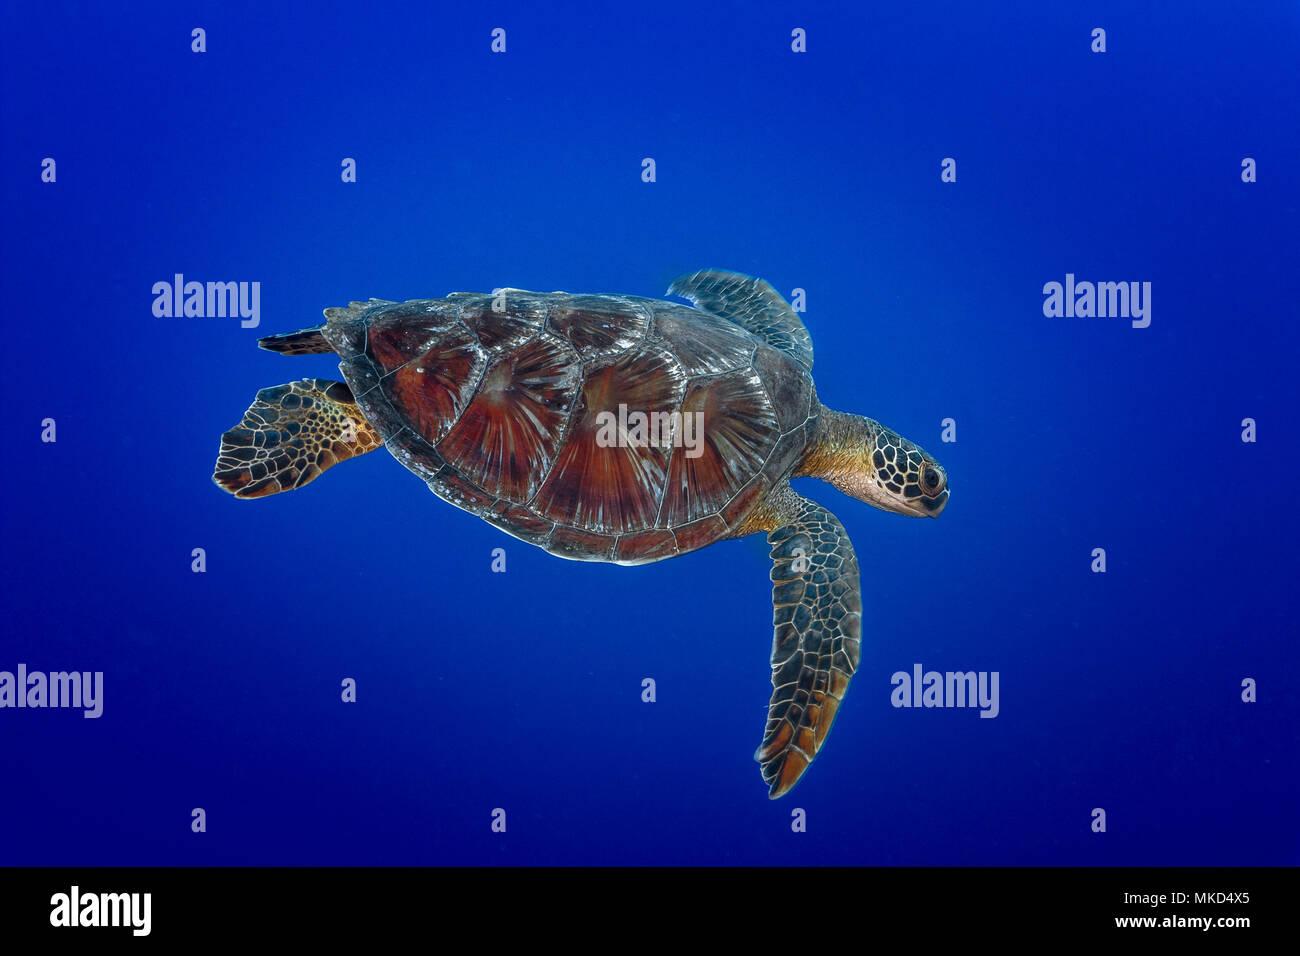 Arriba Vista lateral derecha de la tortuga verde (Chelonia mydas), natación, Tahití, Polinesia Francesa Foto de stock